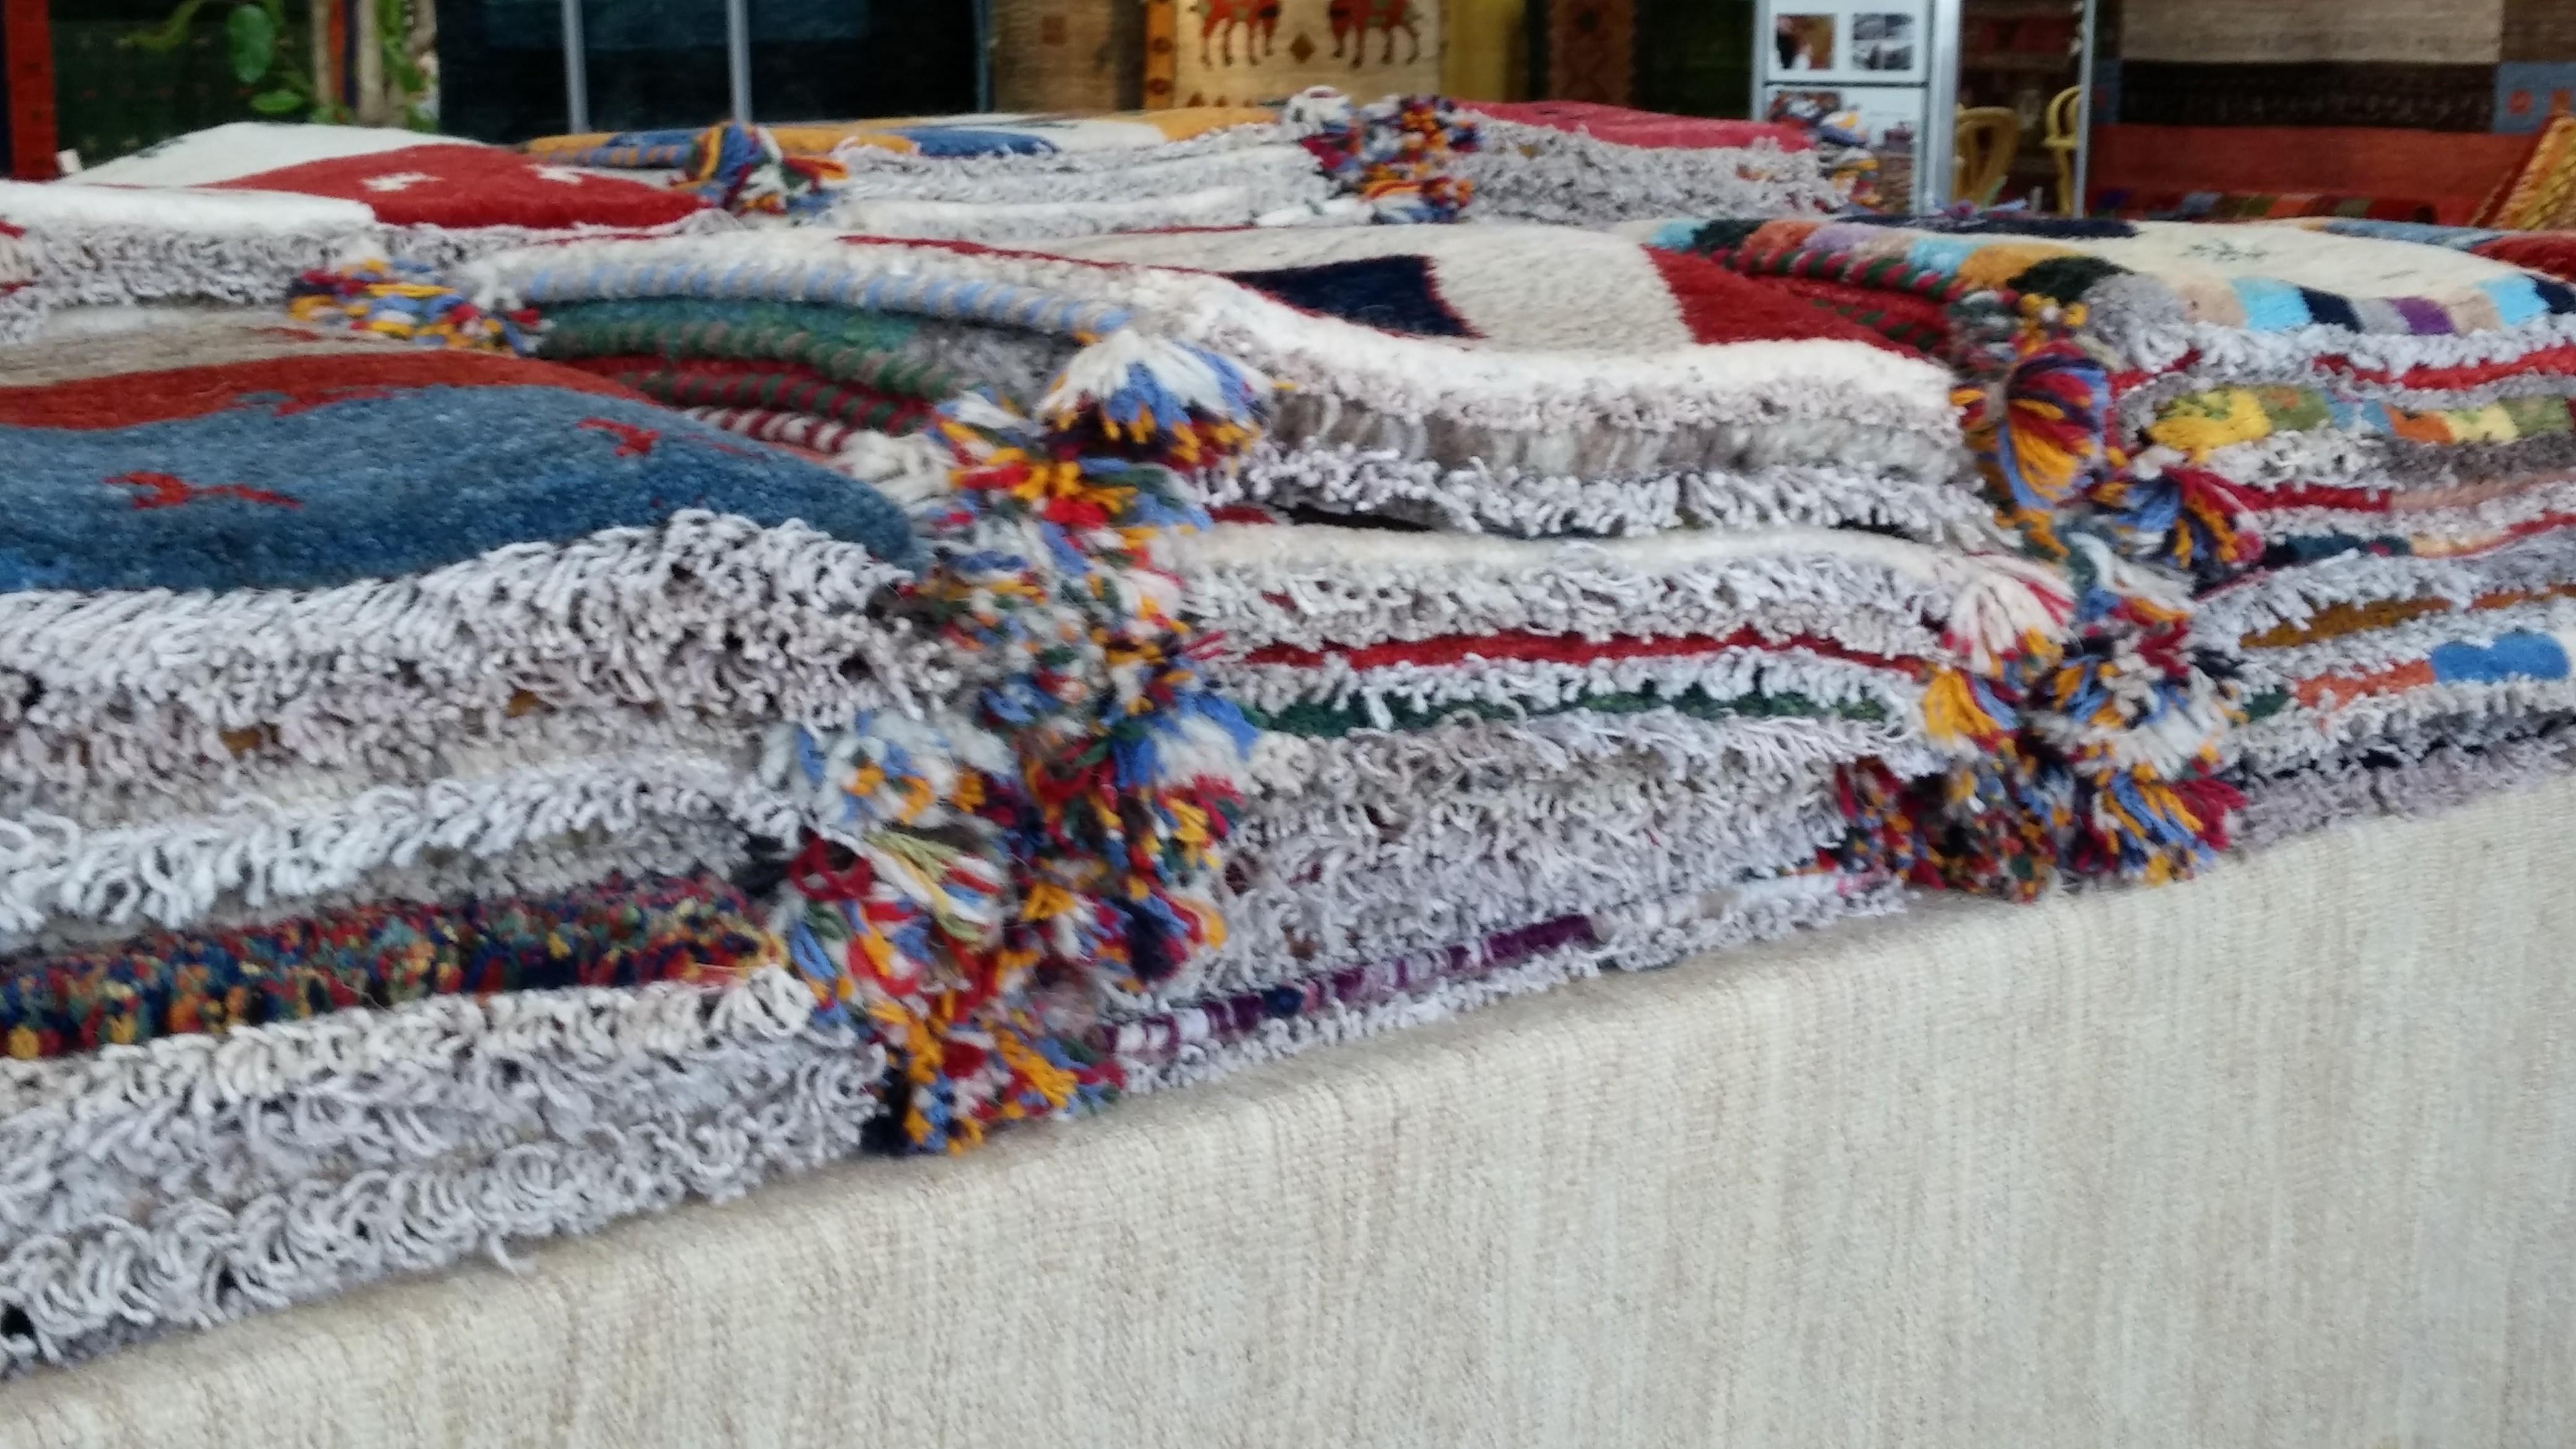 ギャベとはイランの遊牧民族が家族や大切な人を想いながら手織りする伝統的な絨毯です